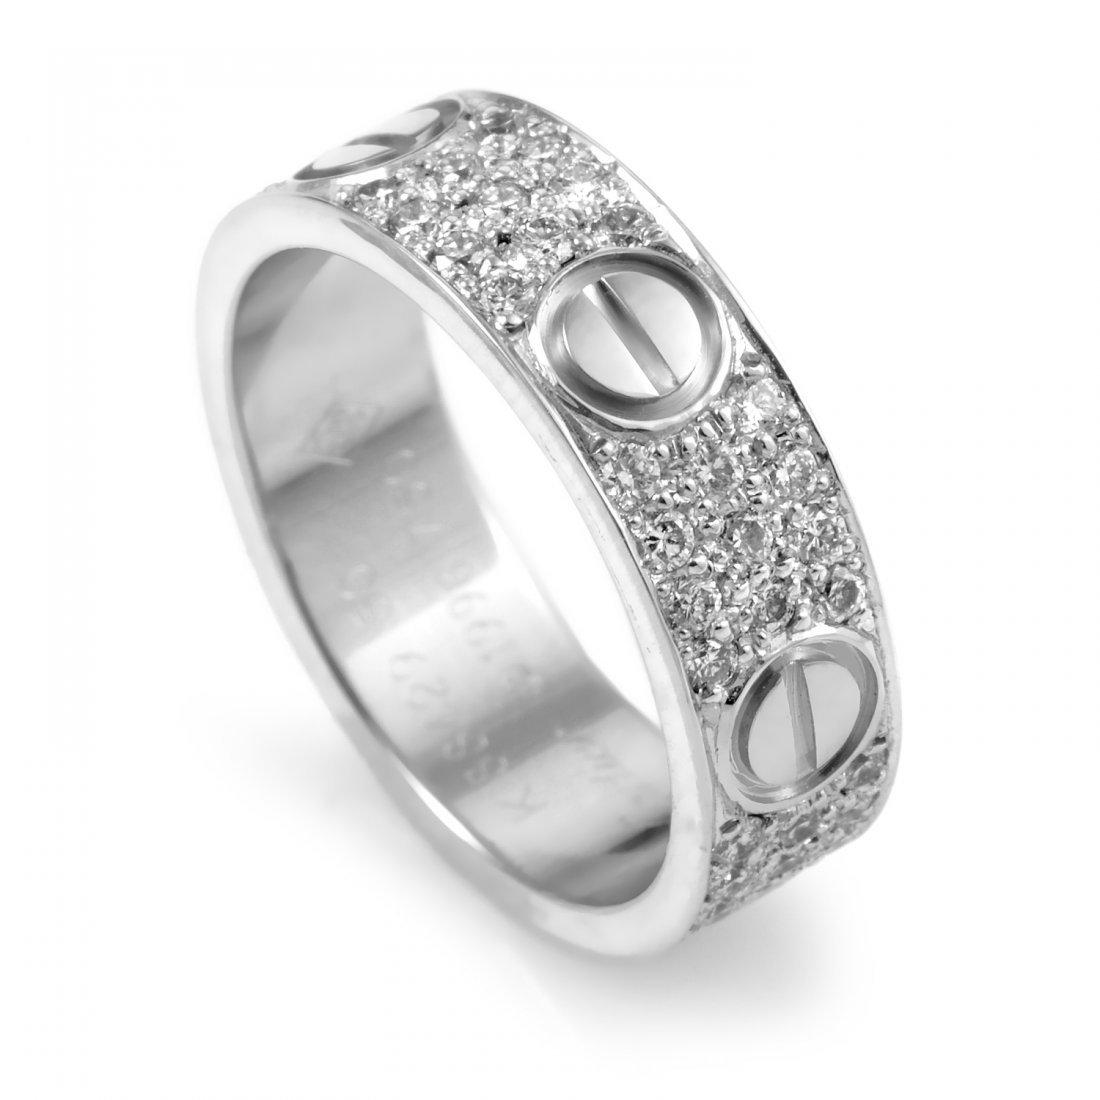 Cartier 18K White Gold Full Diamond Band Ring